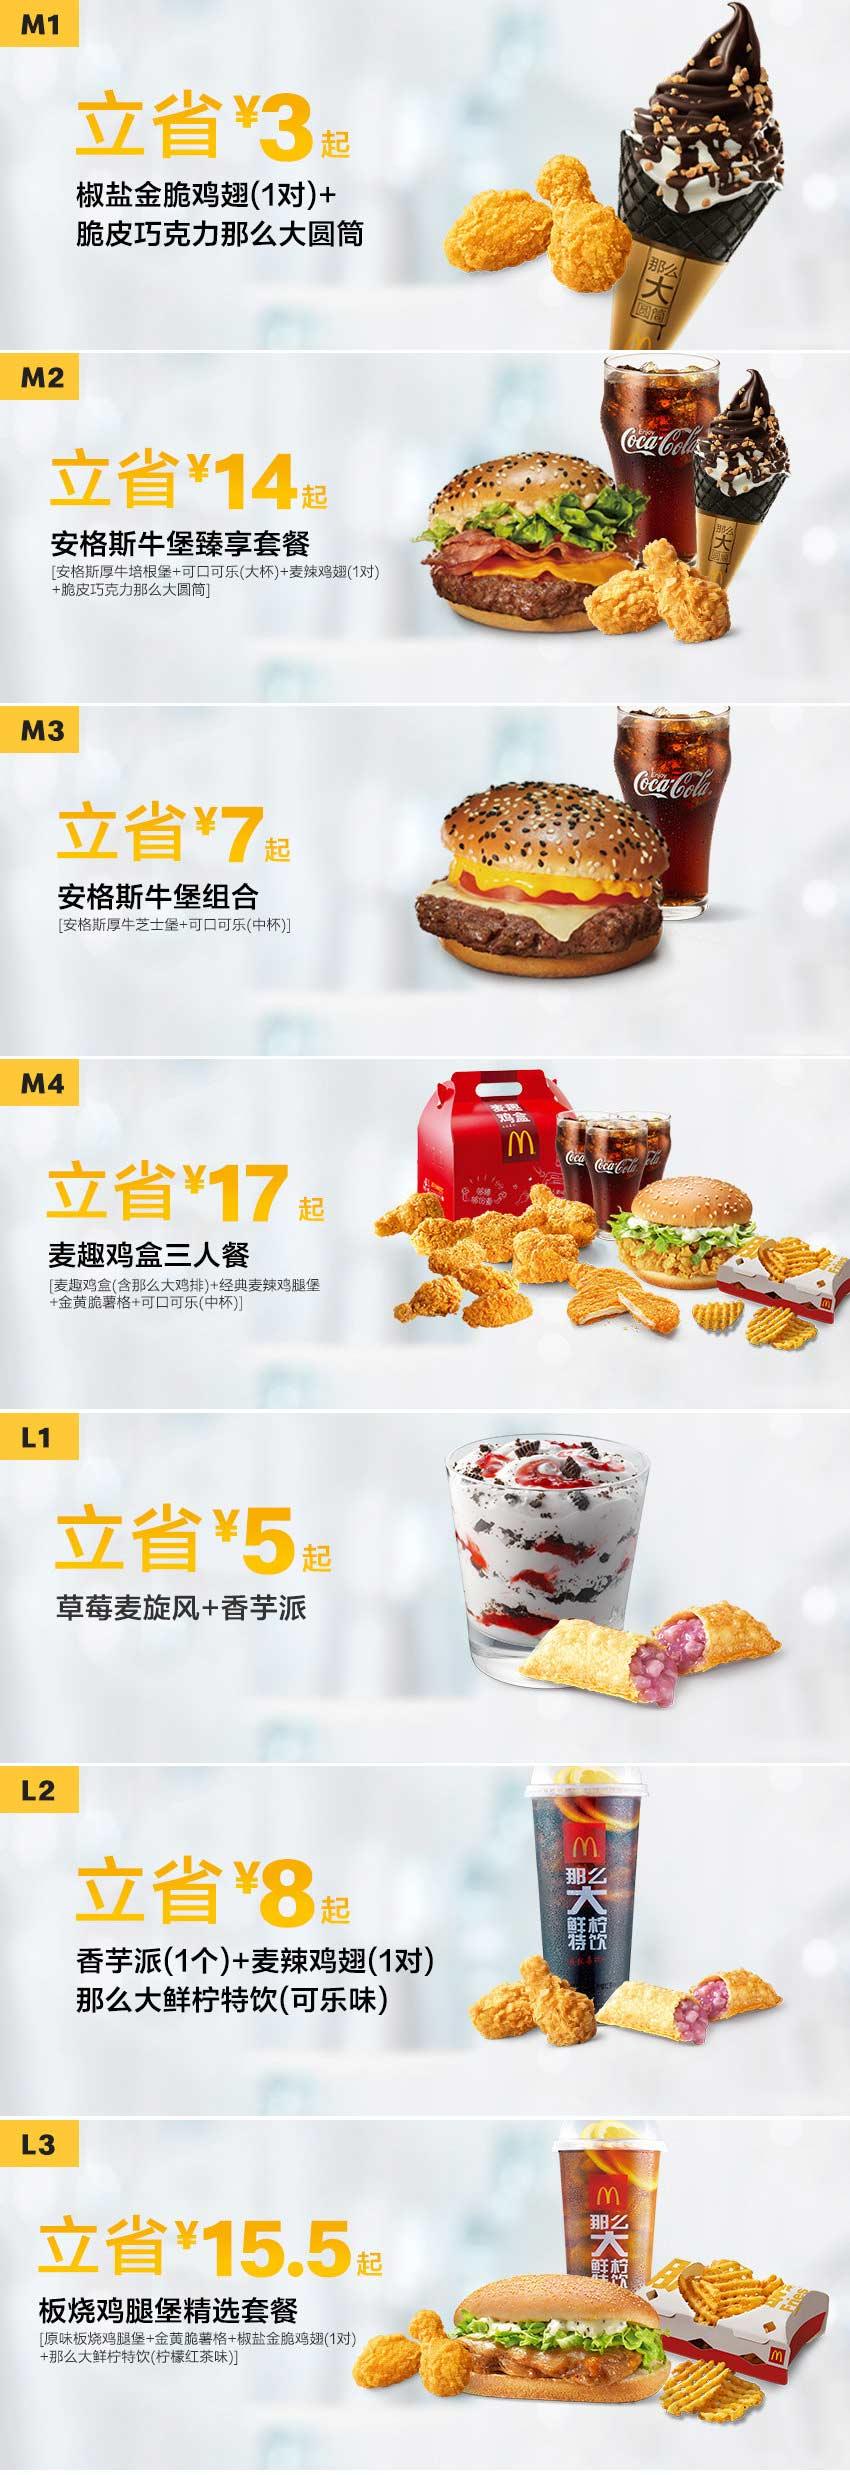 優惠券圖片:麥當勞優惠券2019年4月17日至5月14日整張版本,點餐手機出示或報優惠碼享優惠價 有效期2019年04月17日-2019年05月14日